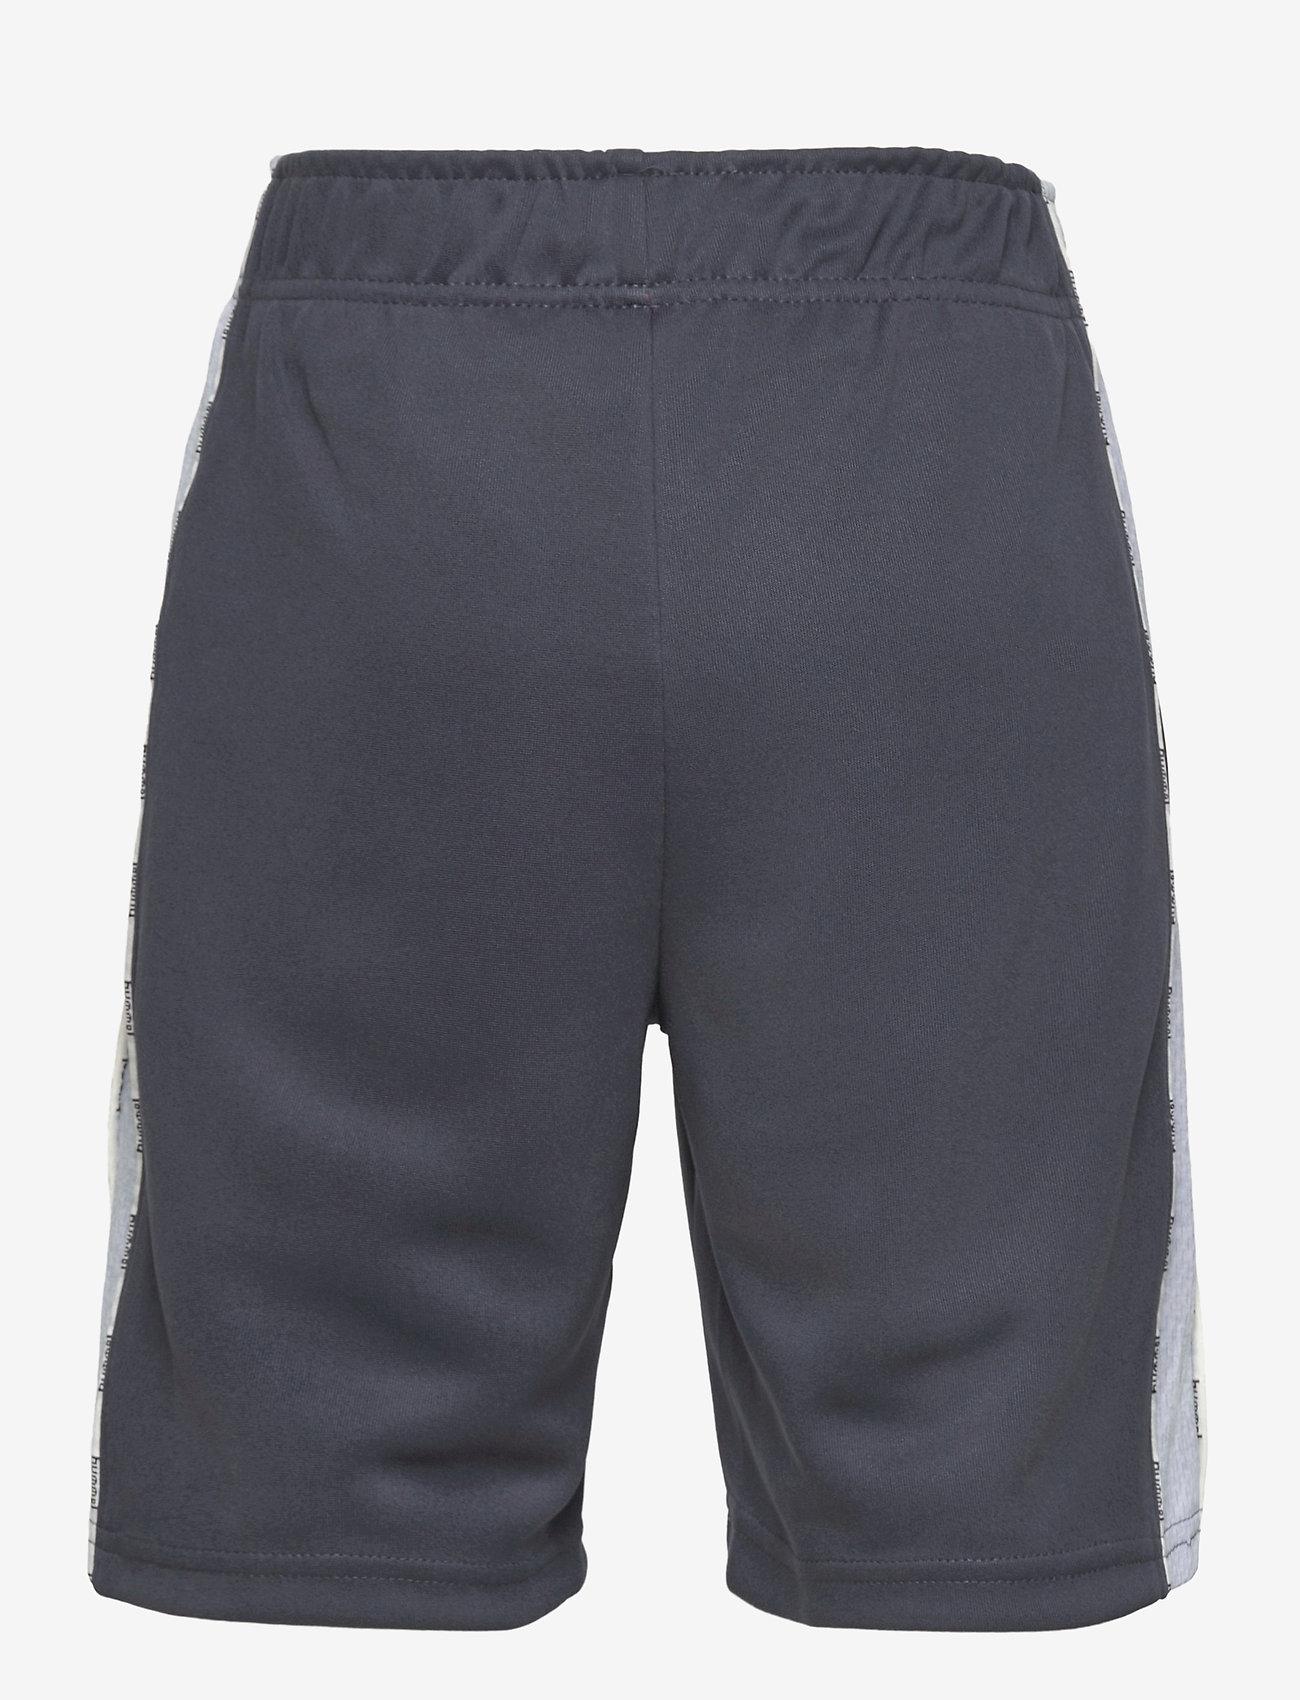 Hummel - hmlJOBSE SHORTS - shorts - ombre blue - 1